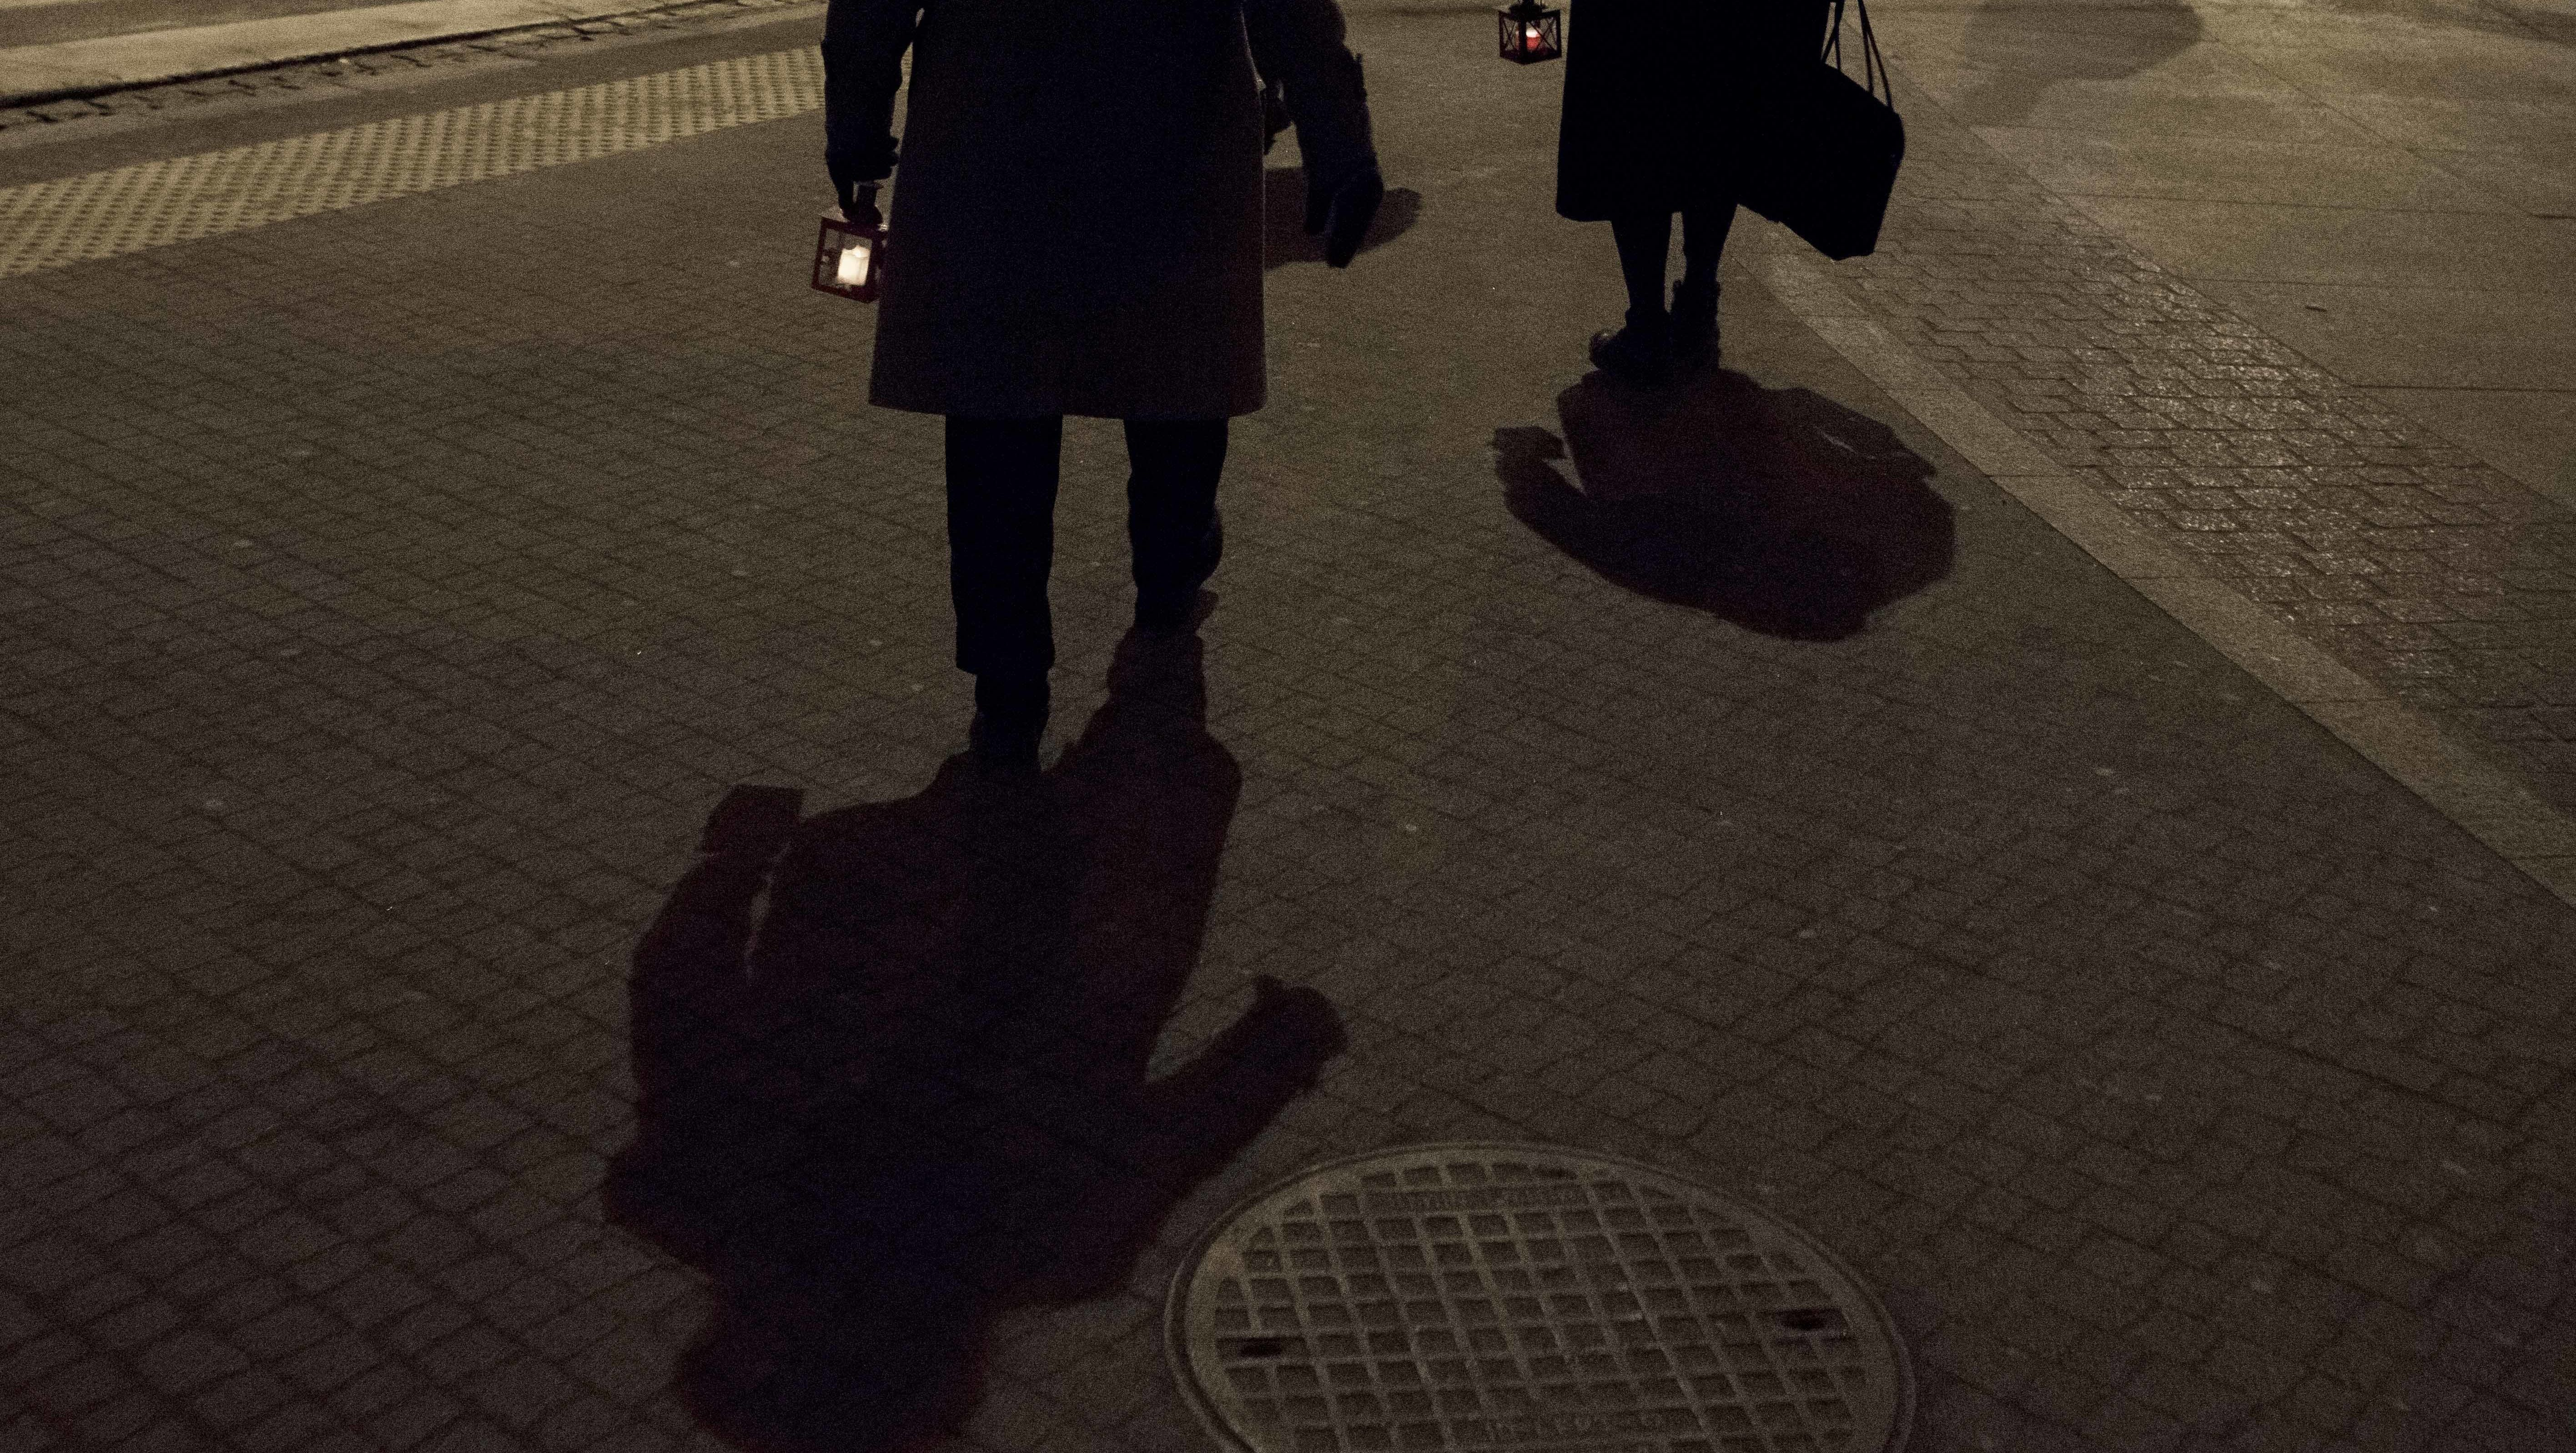 Ein schwarzer Schatten in der Nacht auf einer Straße